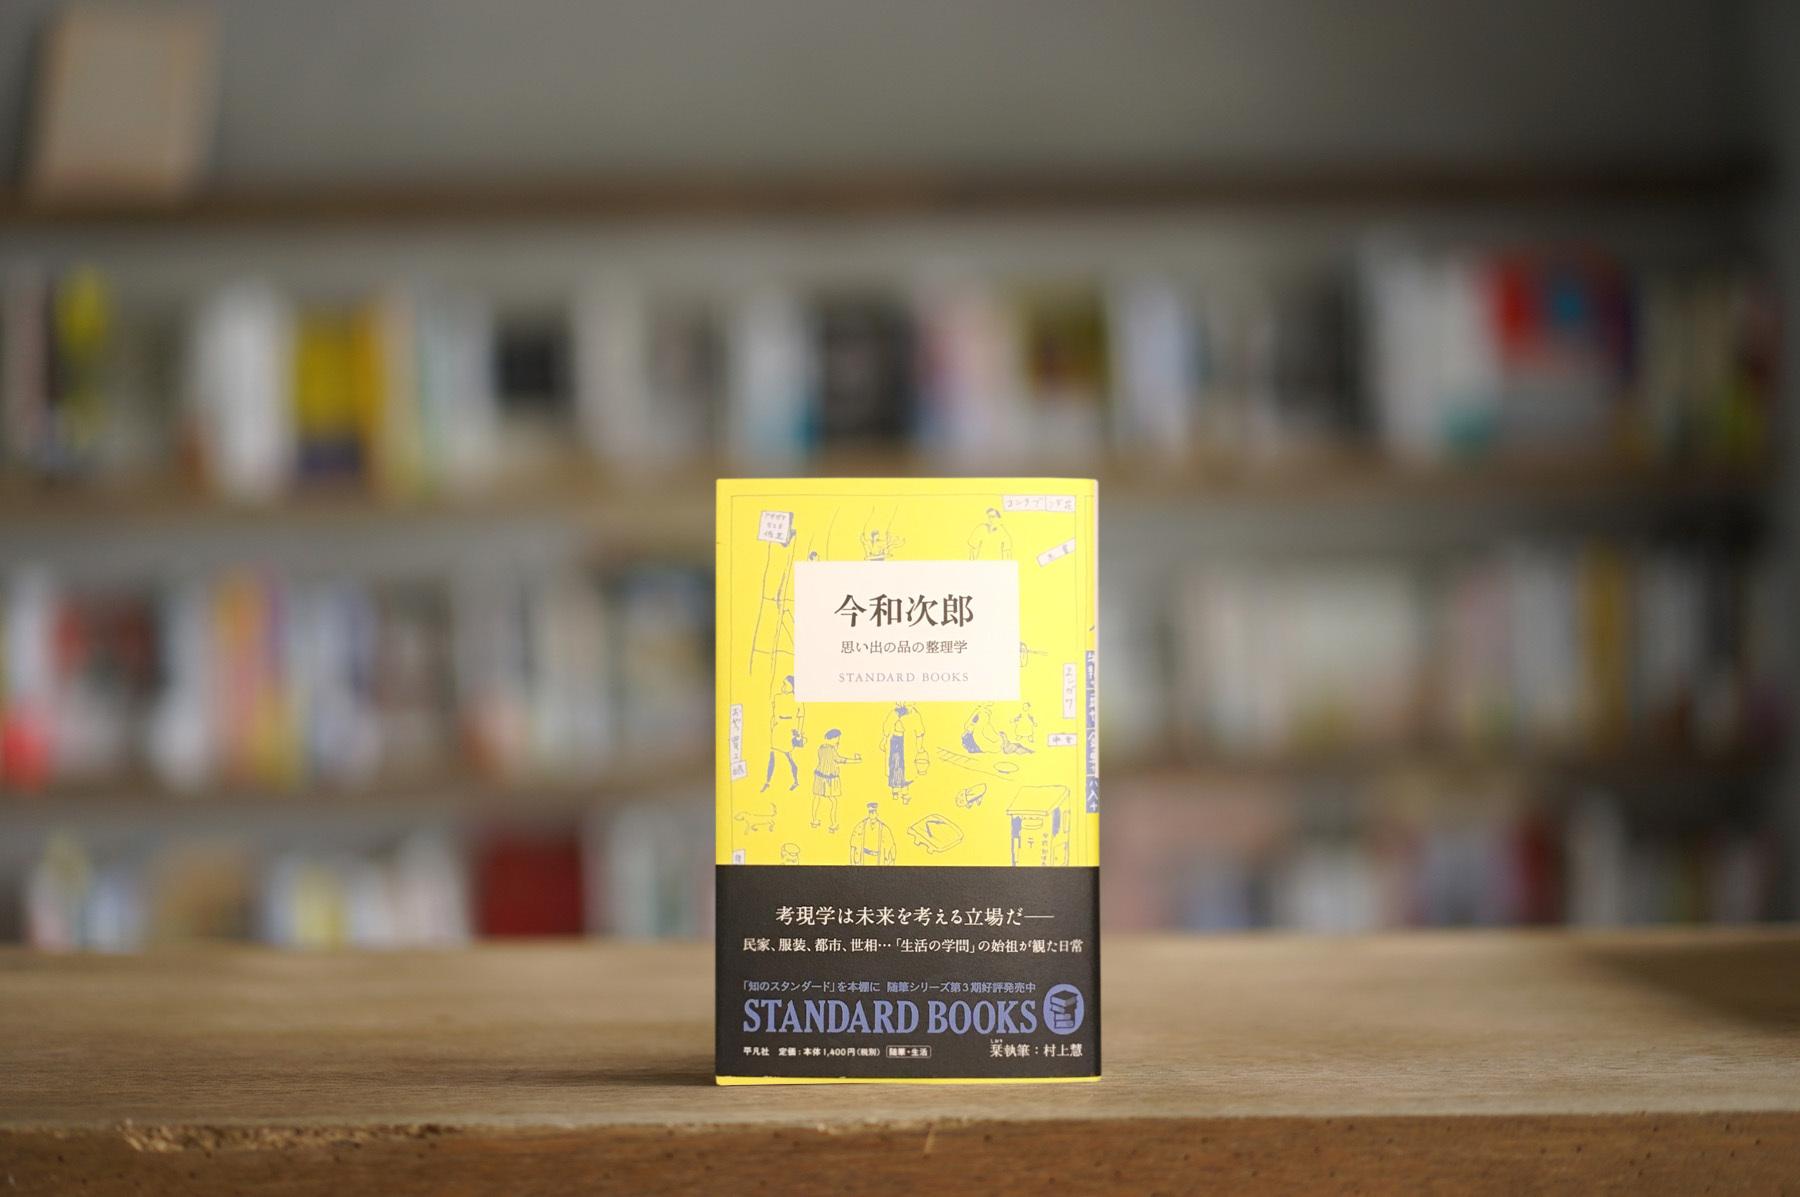 今和次郎 『思い出の品の整理学』 (平凡社、2019)